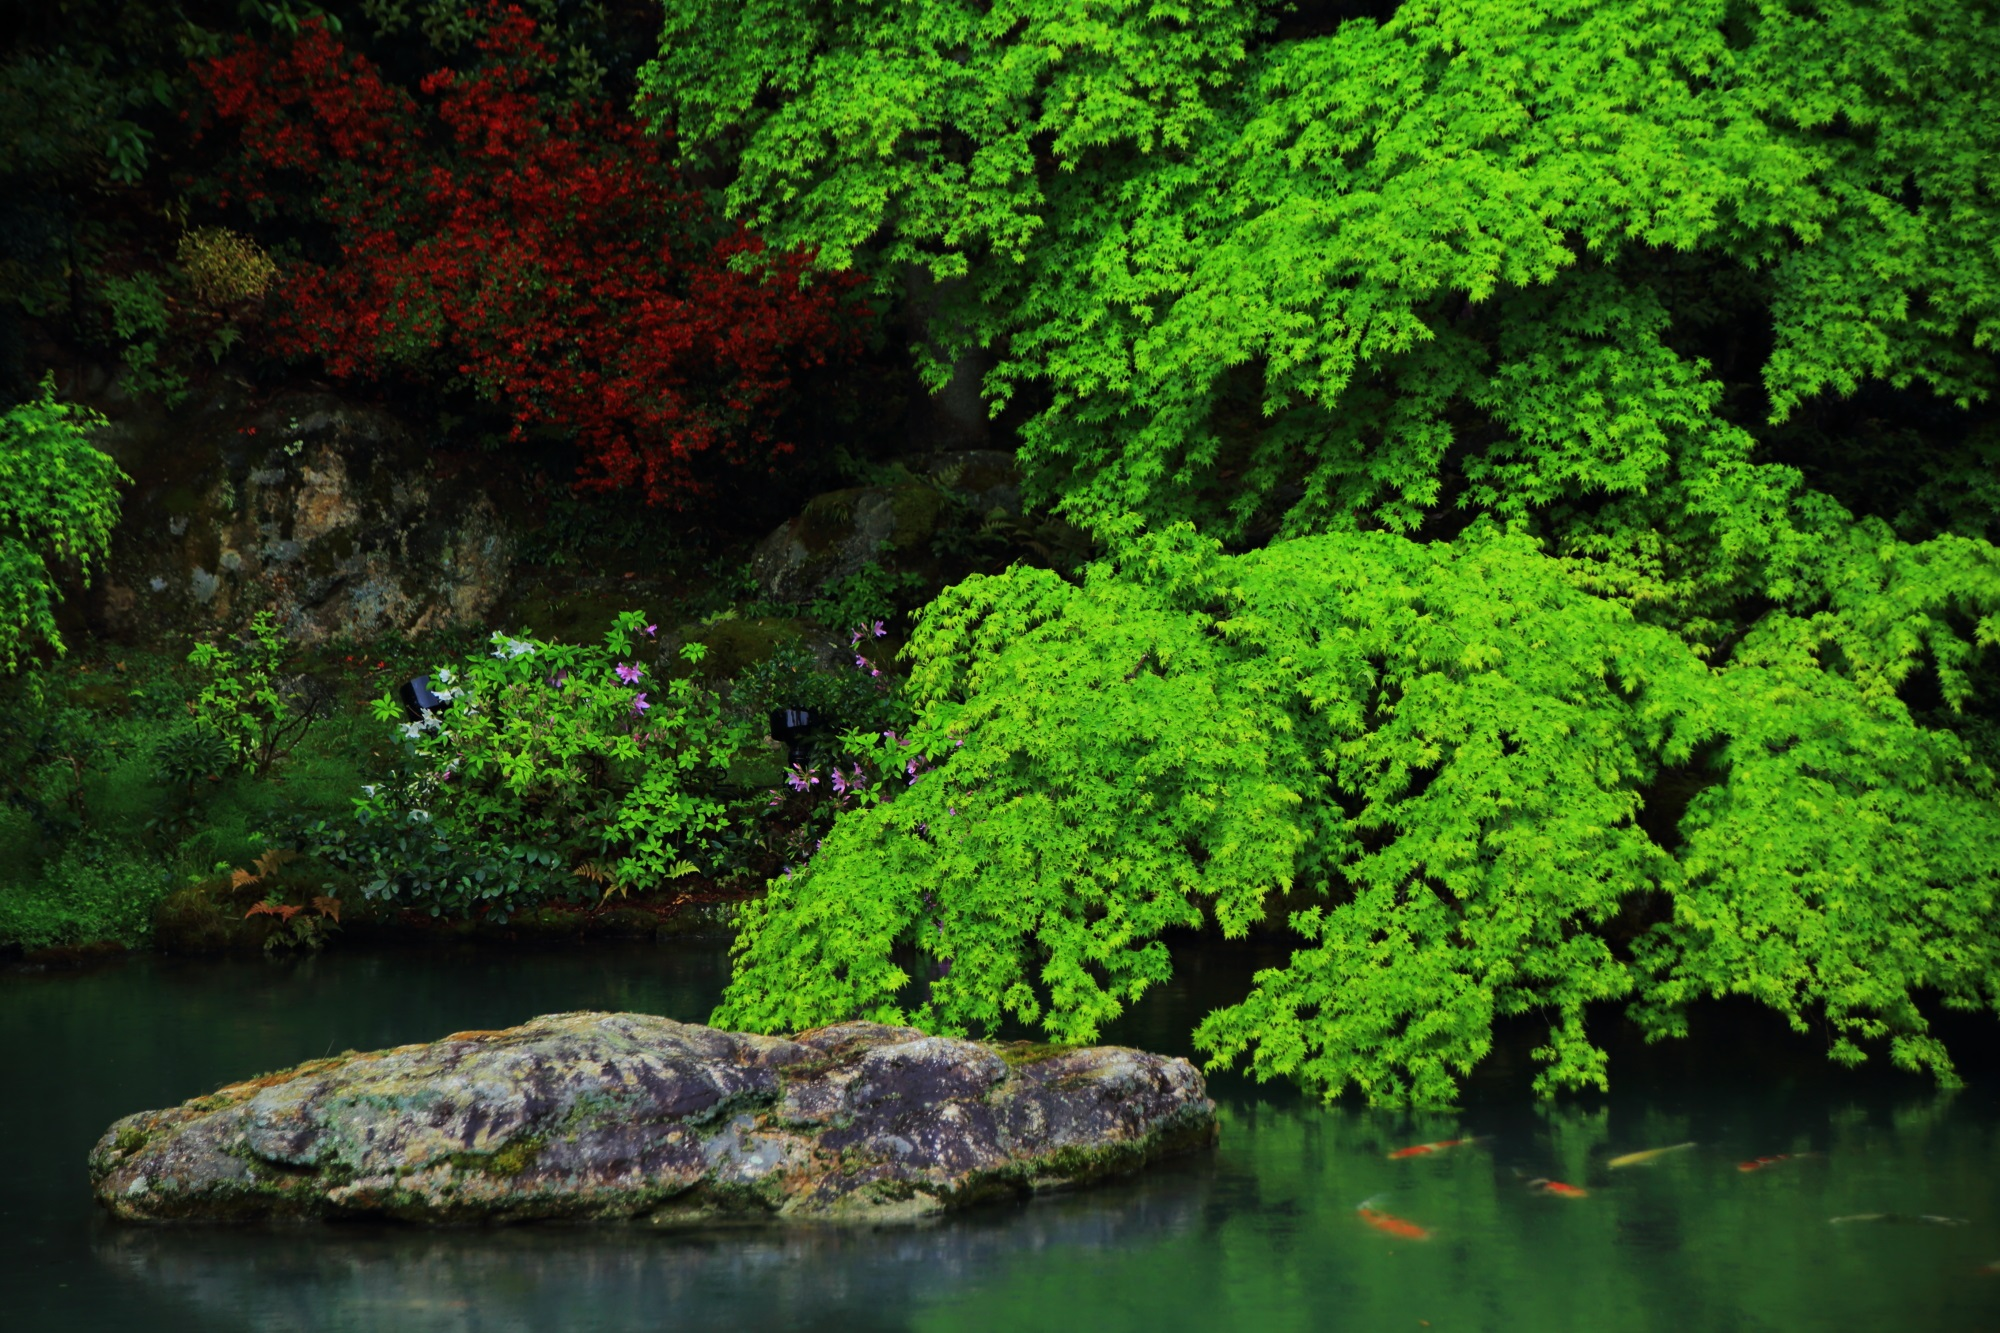 青蓮院の龍心池の絶品の水辺を彩る緑